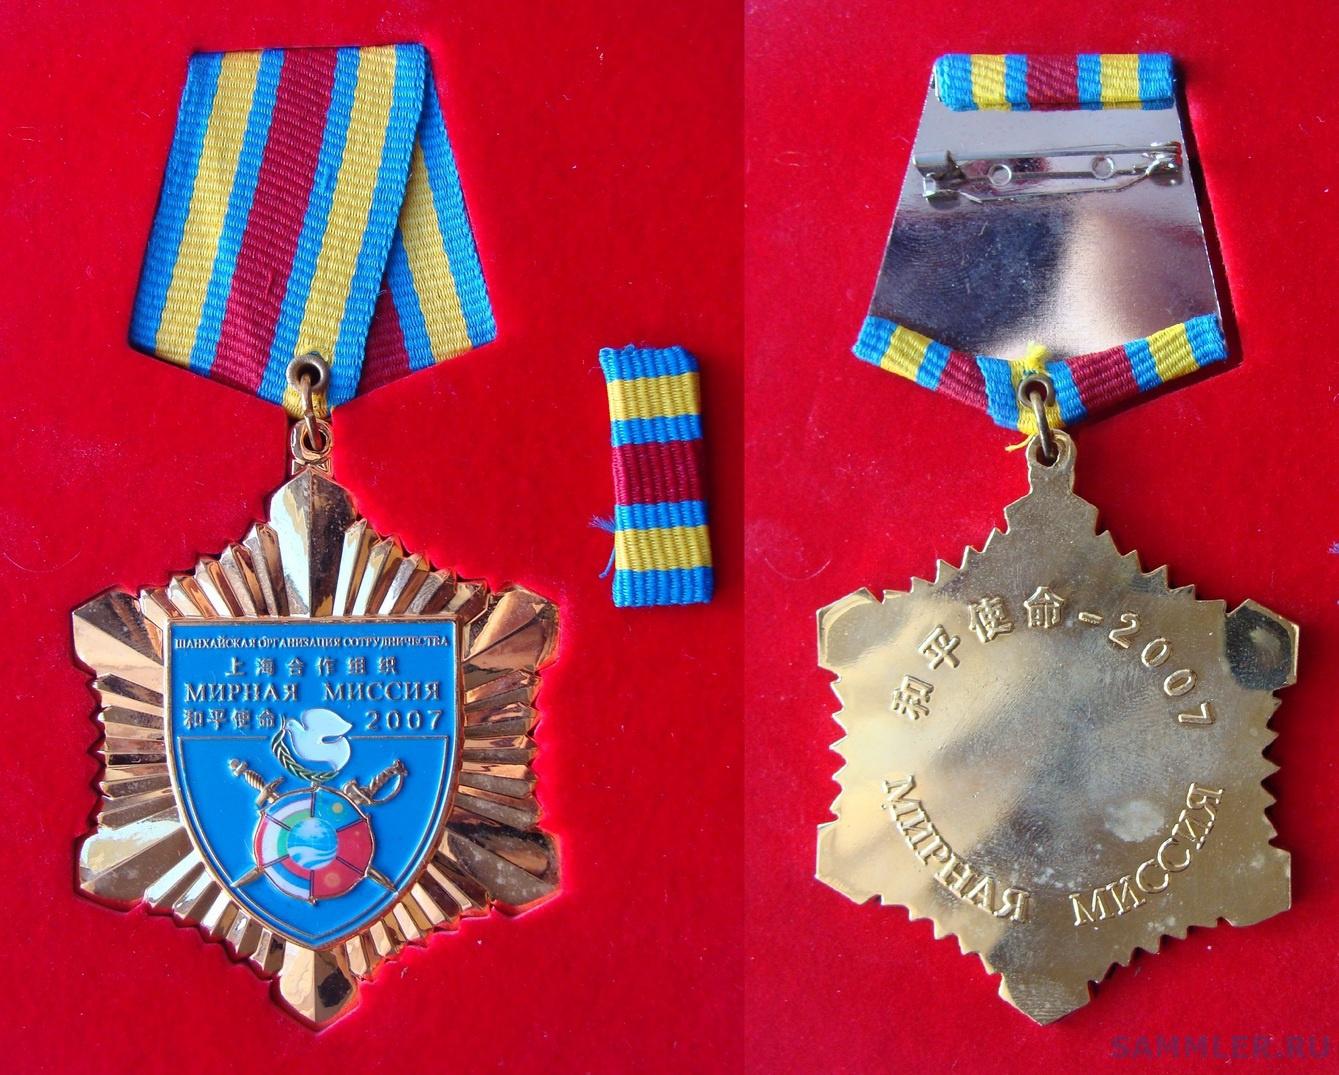 Медаль Мирная Миссия 2007 #152584.JPG